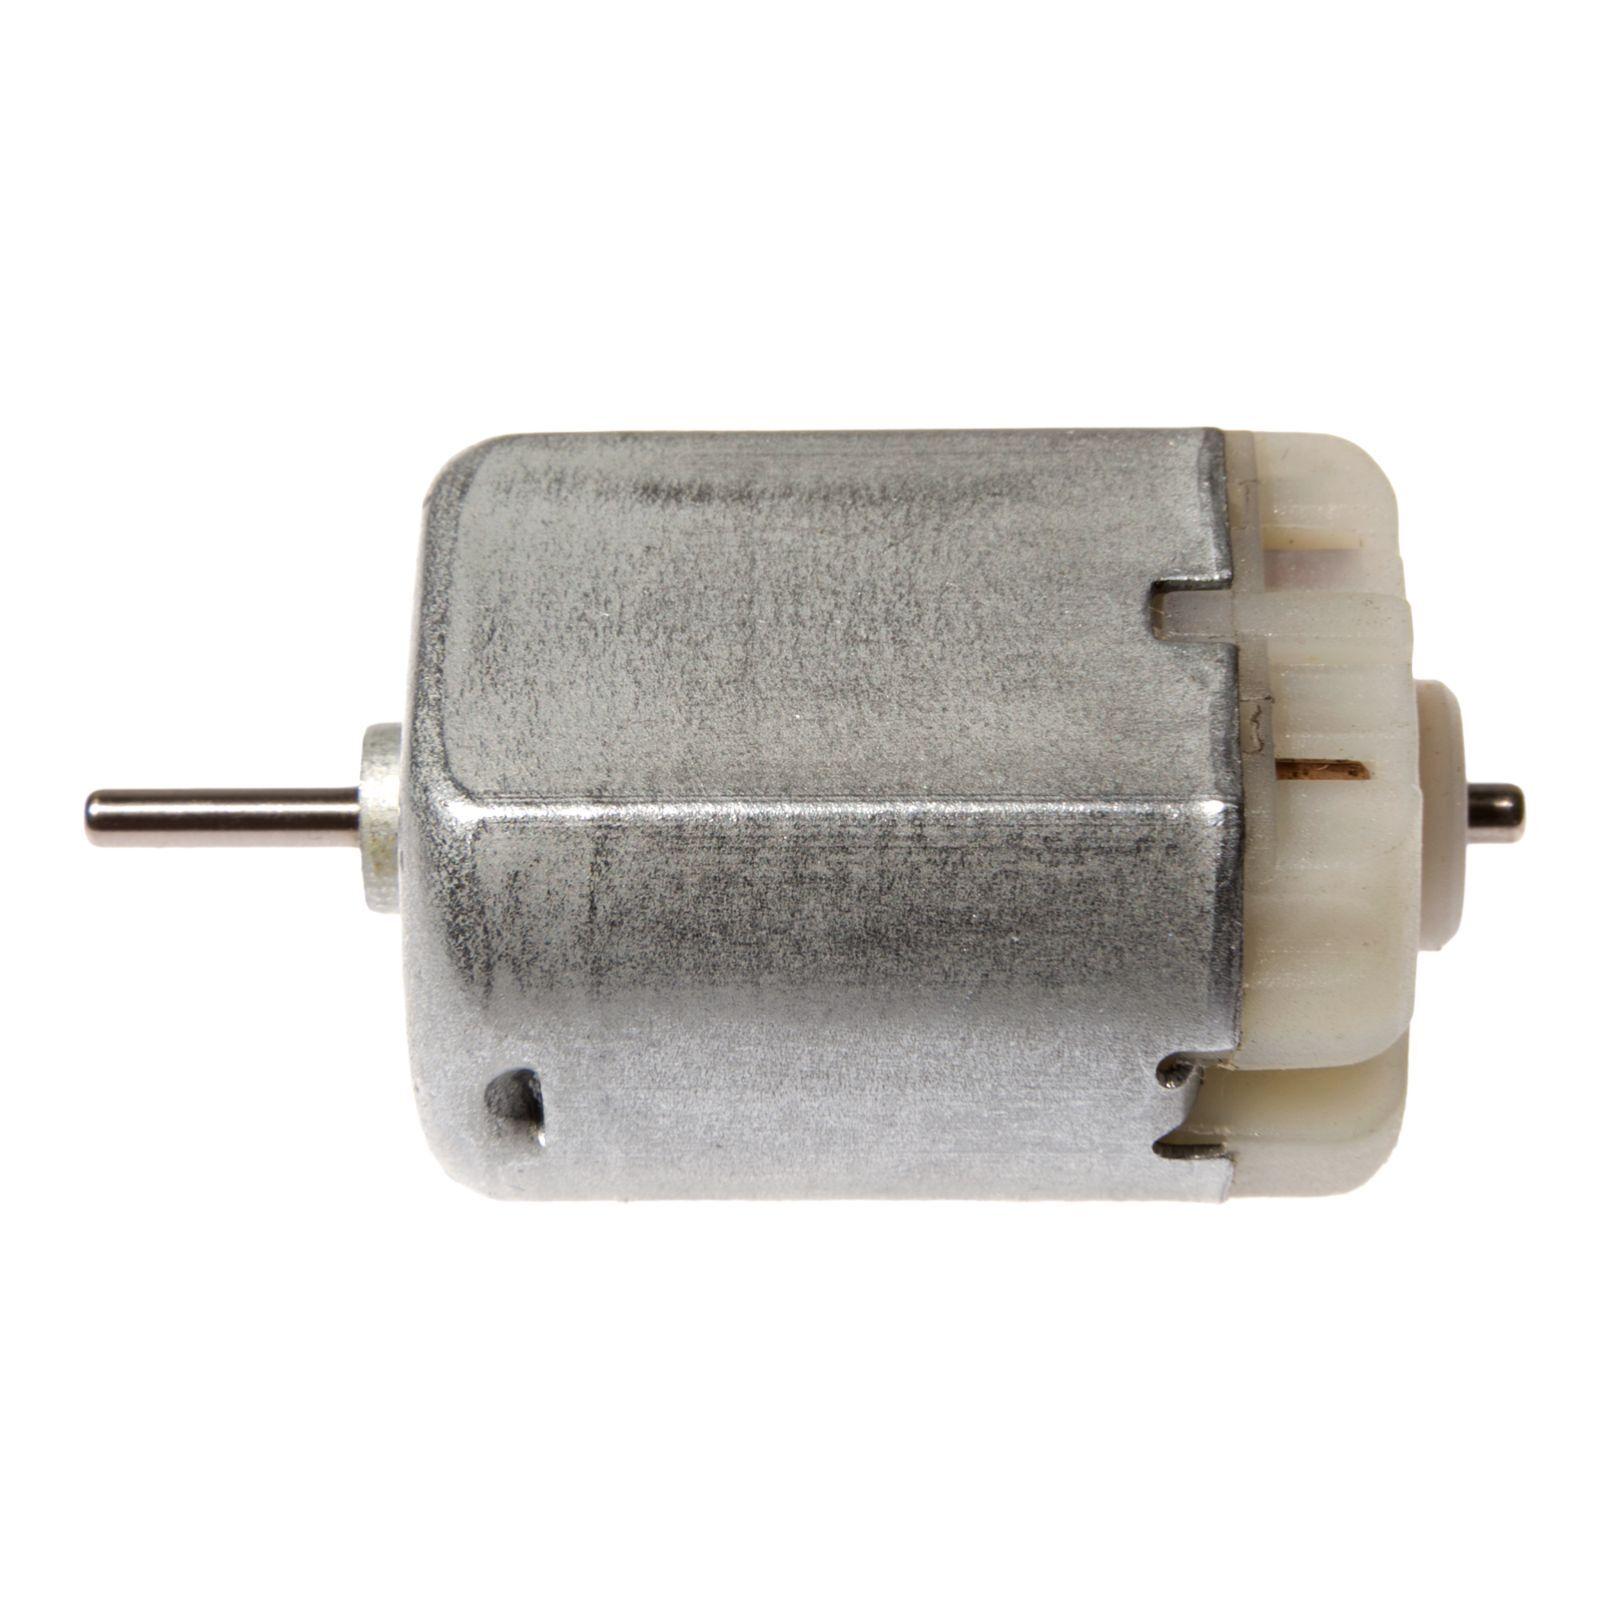 Mabuchi Fc 280pc 22125 Door Lock Motor Actuator 280pt